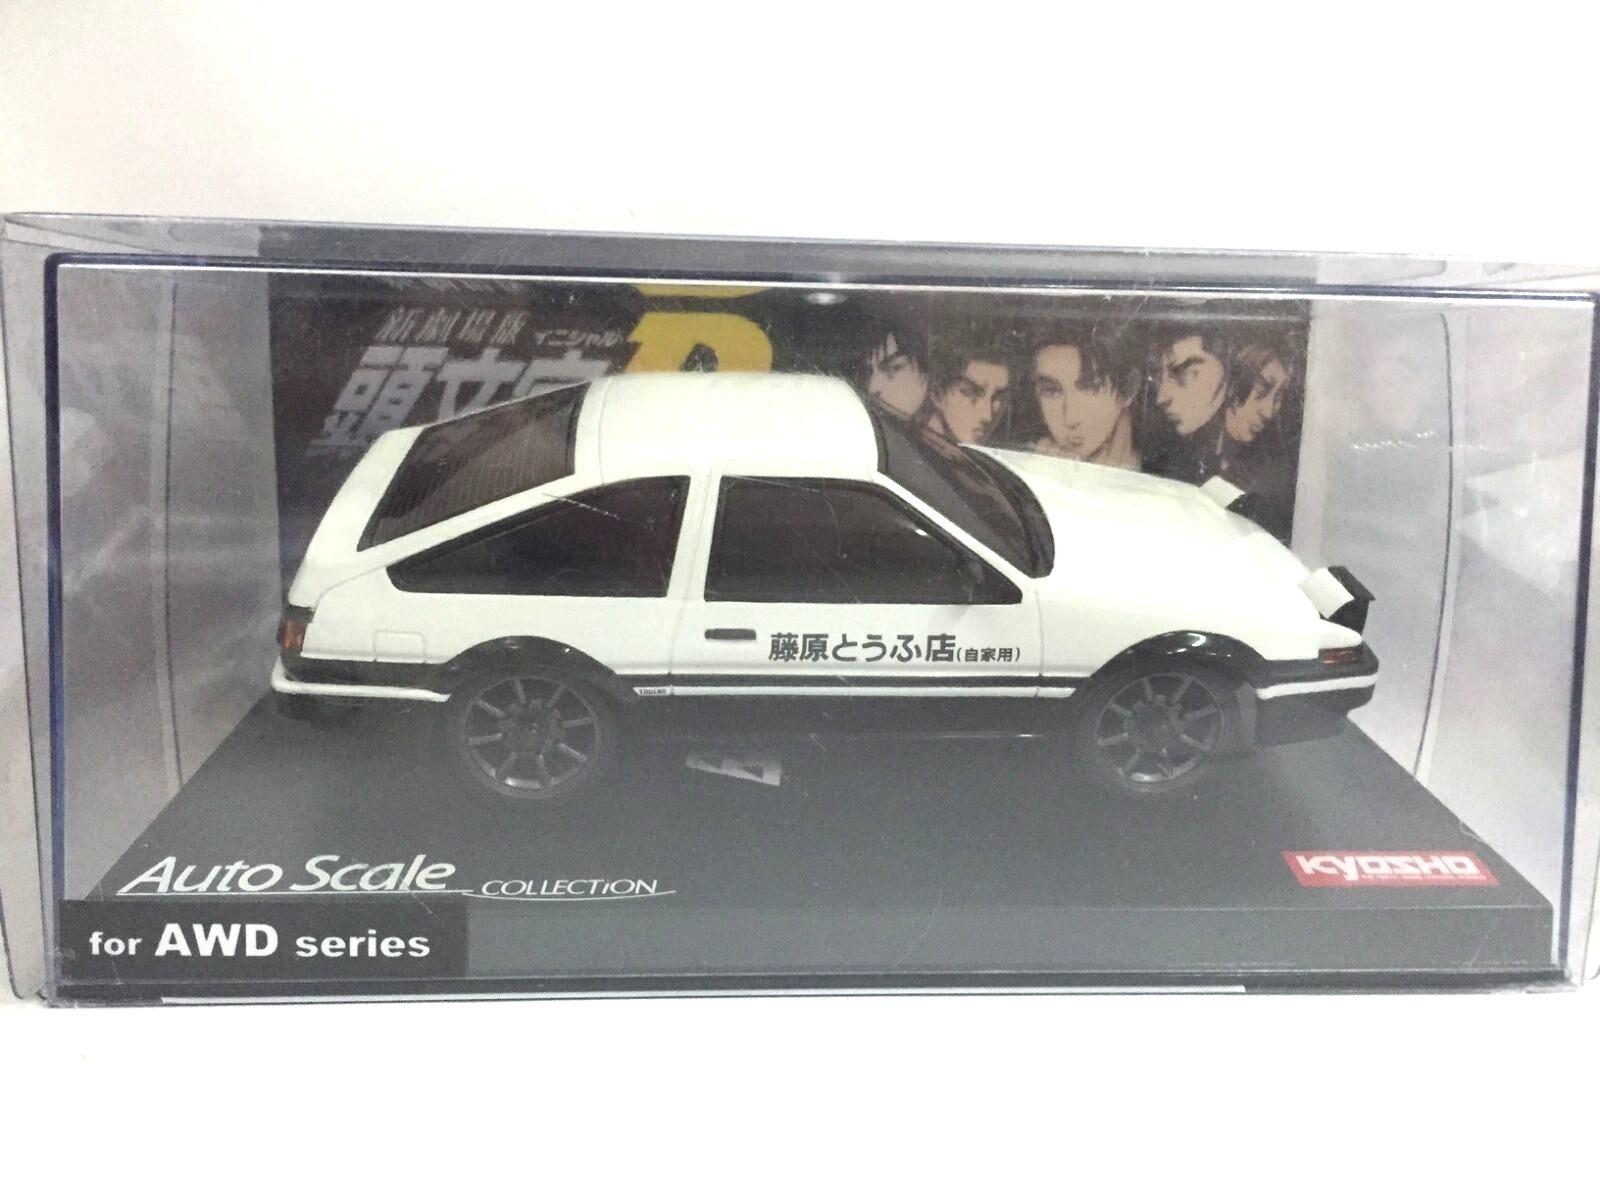 acquista marca JAPAN KYOSHO MINI Z INITIAL D giocattoloOTA giocattoloOTA giocattoloOTA AE86 TRUENO SPRINTER auto SHELL AWD SERIES  nelle promozioni dello stadio